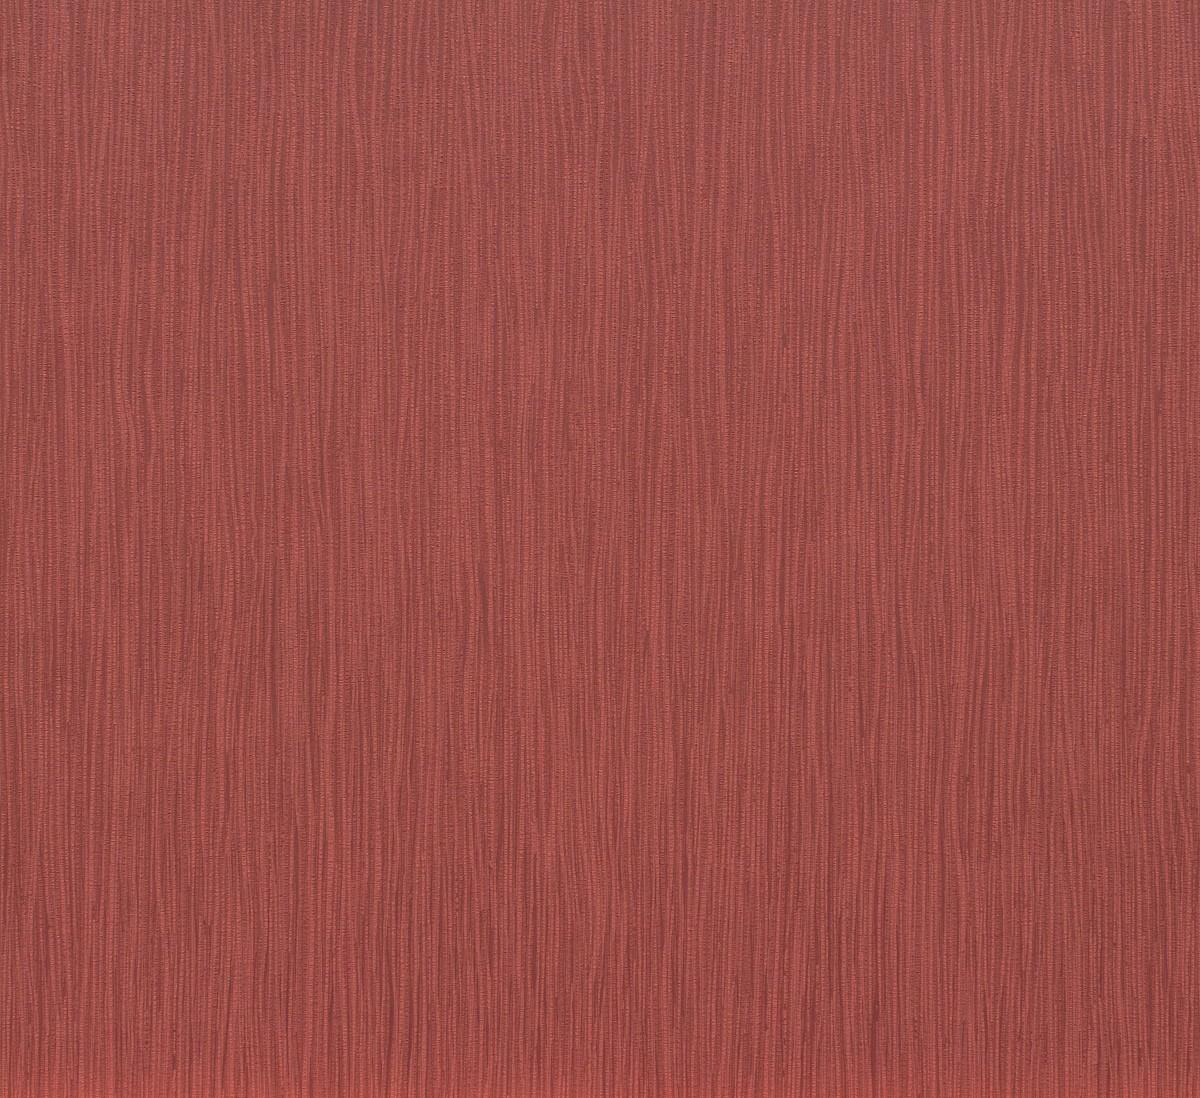 vliestapete rot streifen marburg 56521. Black Bedroom Furniture Sets. Home Design Ideas